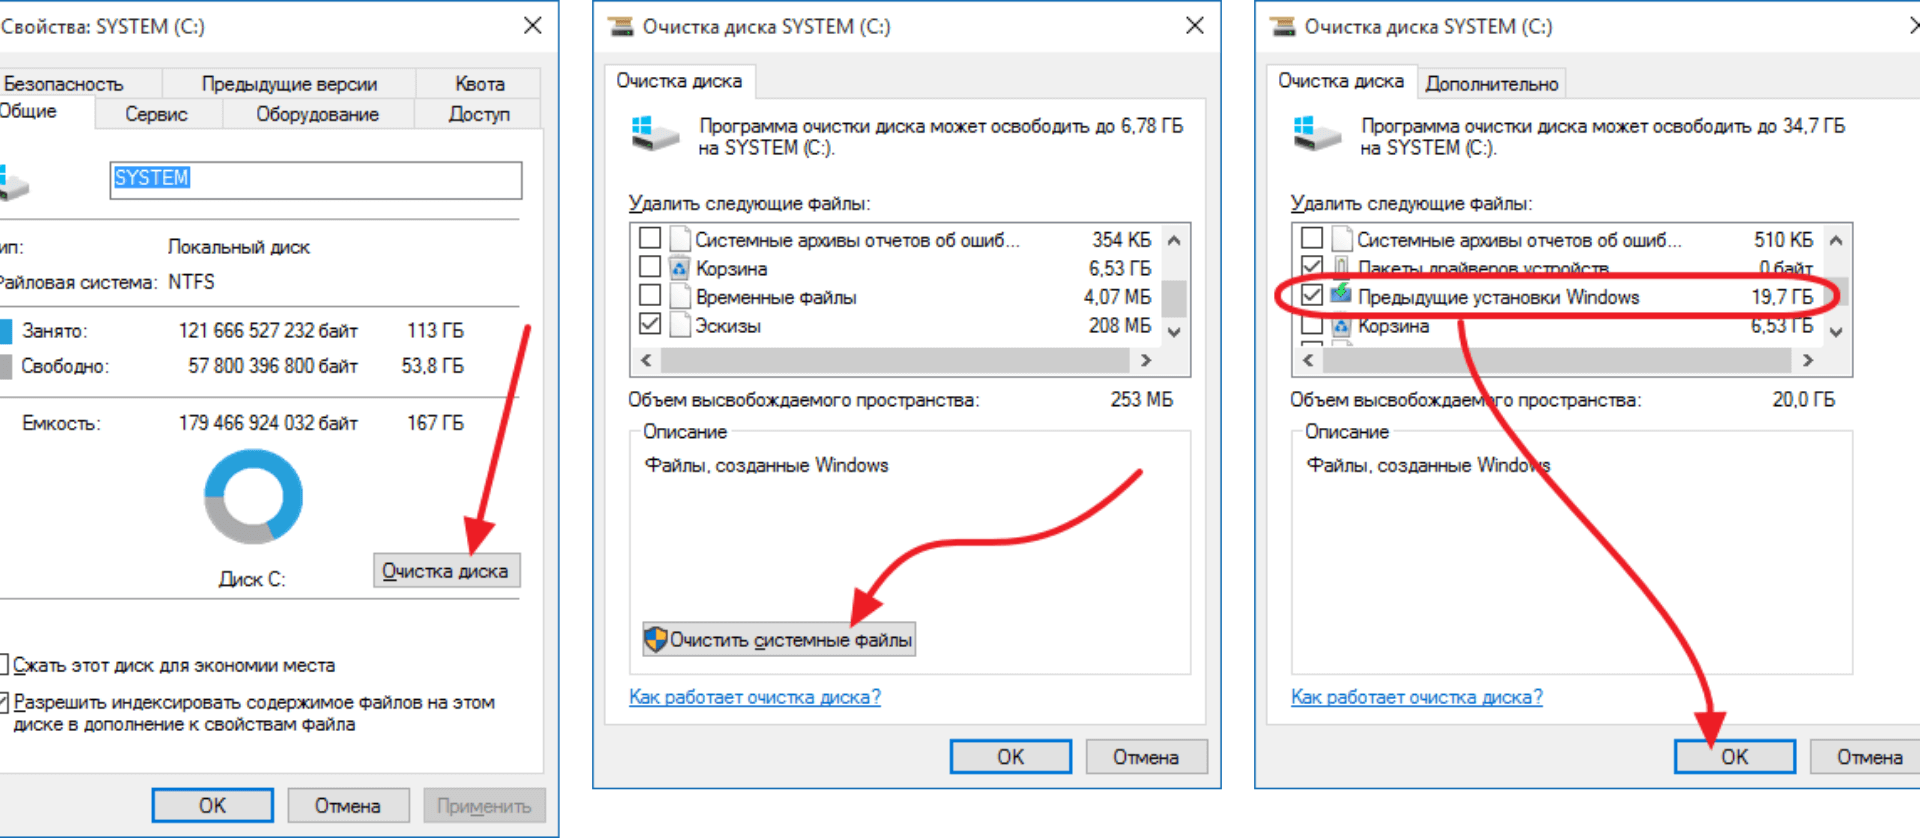 Удаление обновлений Windows , с помощью очистки диска